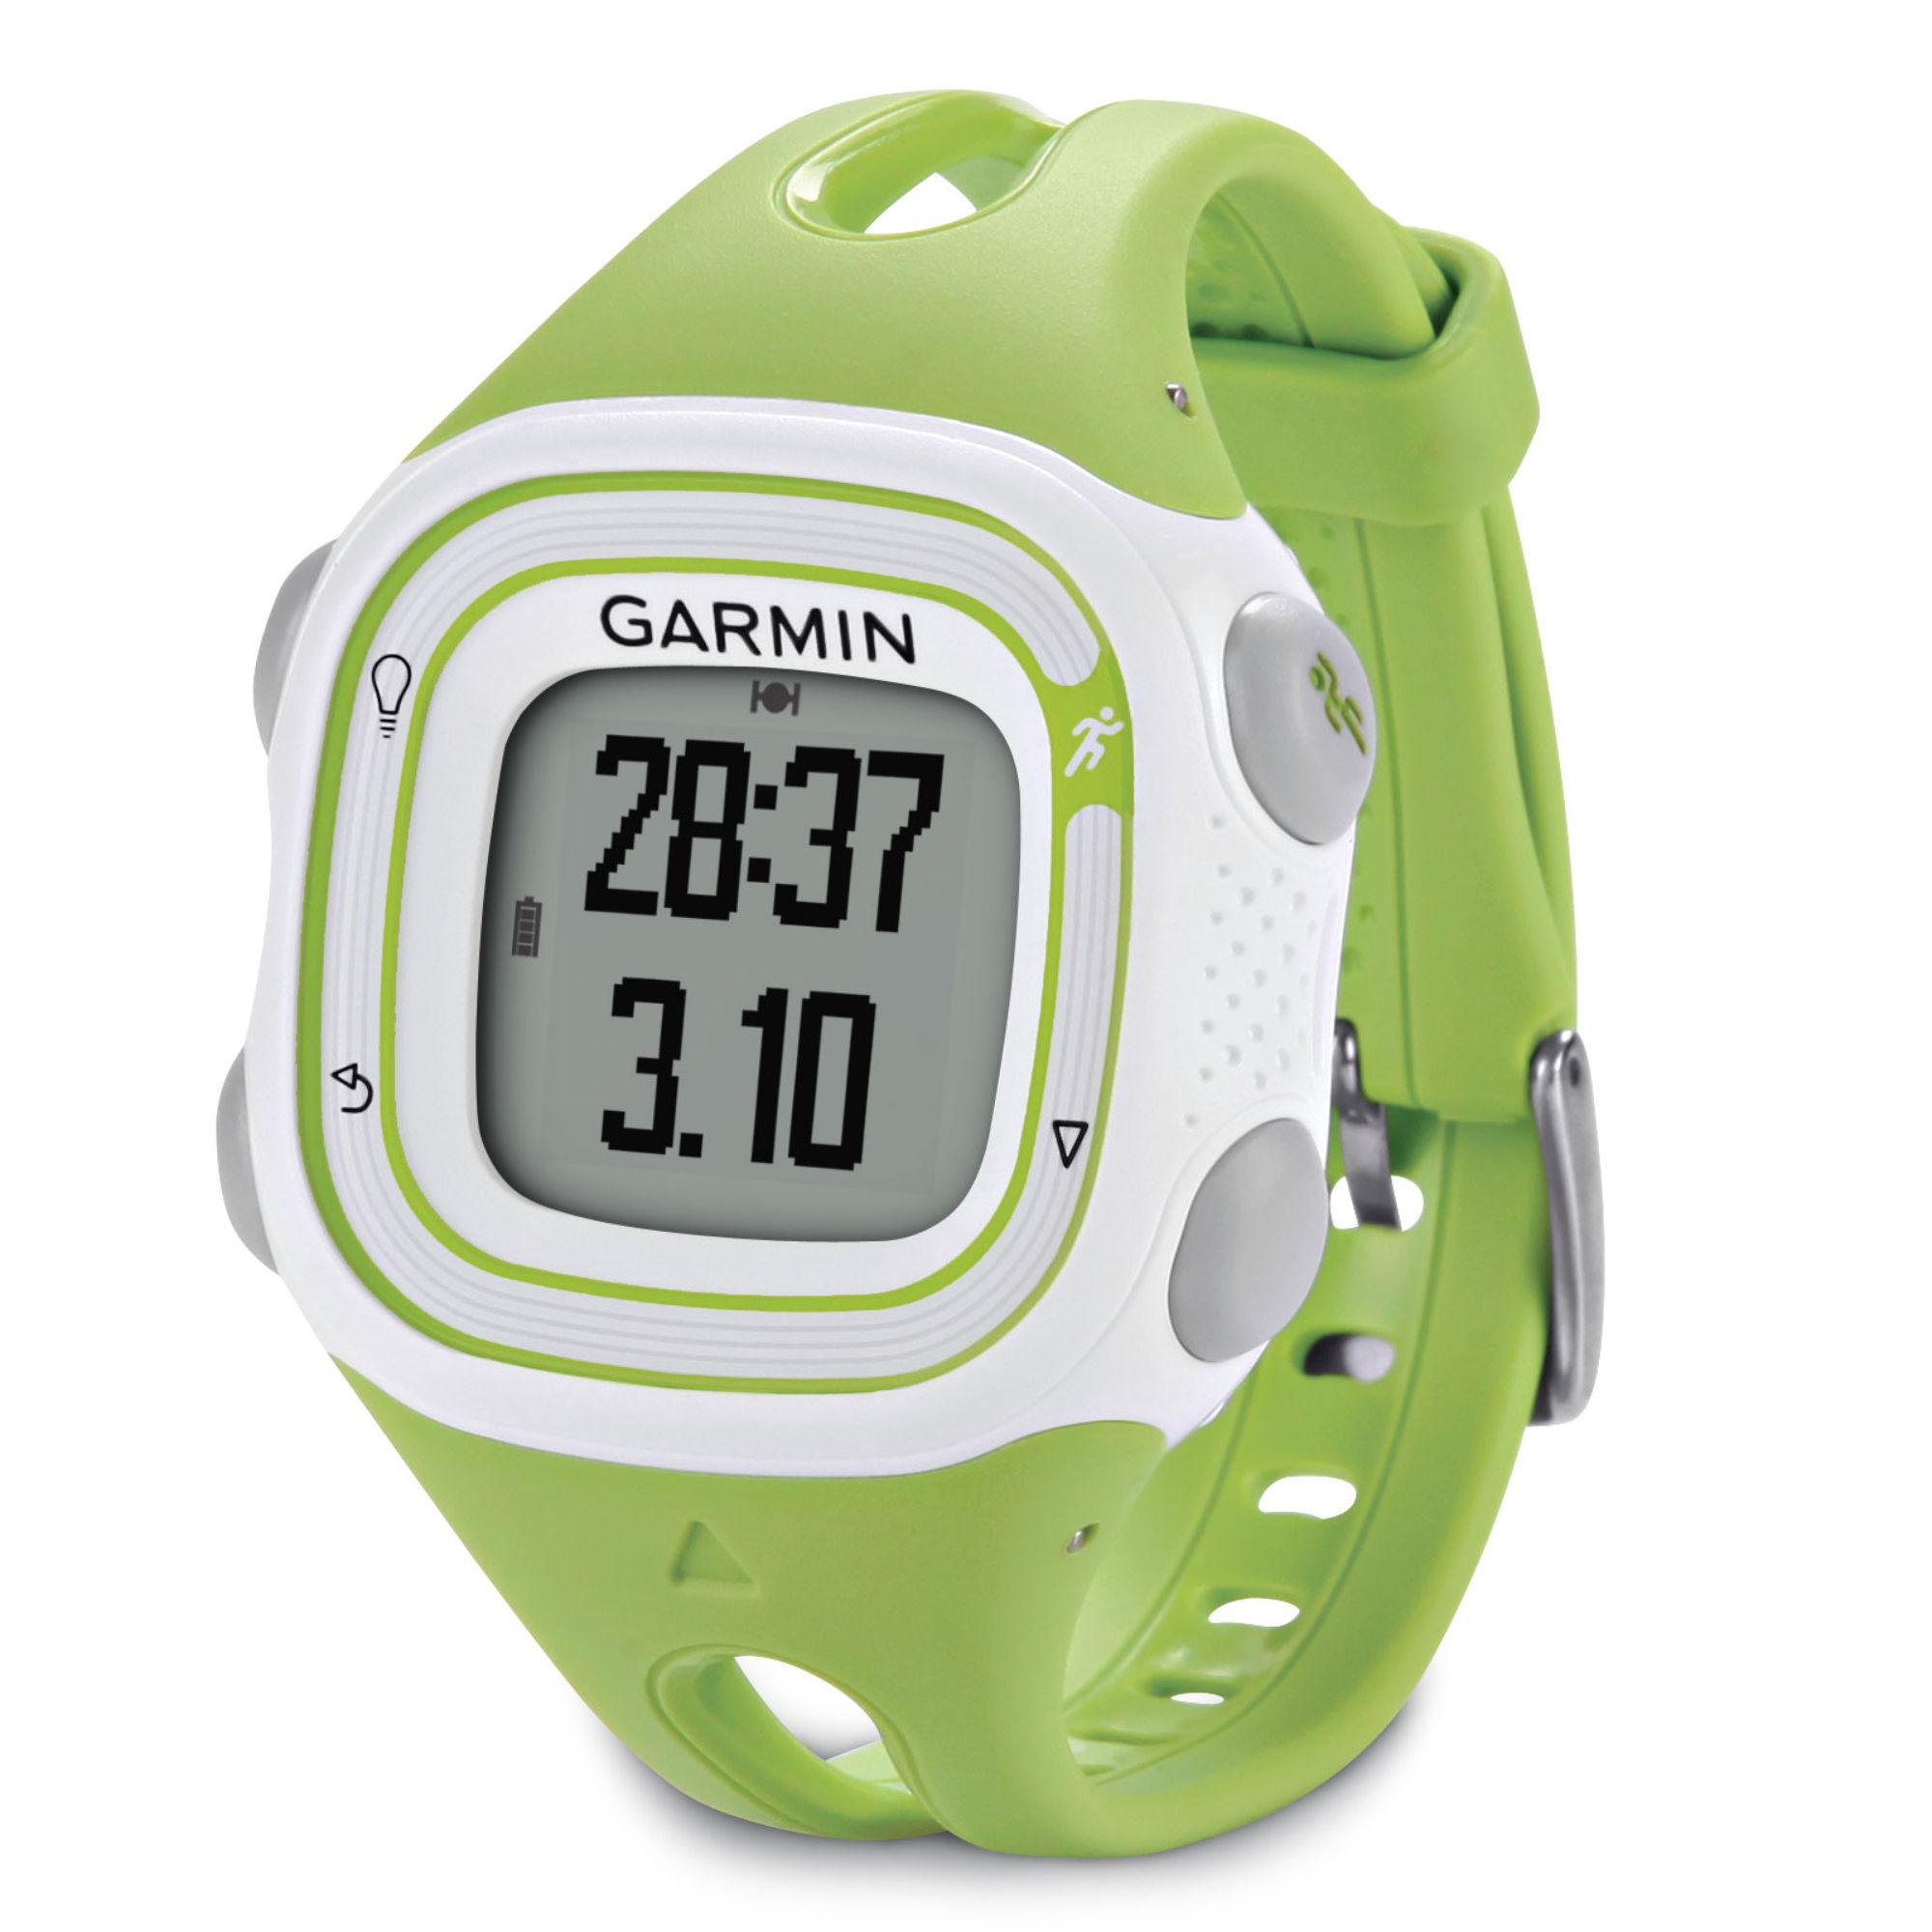 Garmin Forerunner 10 Small GPS Running Watch - Green